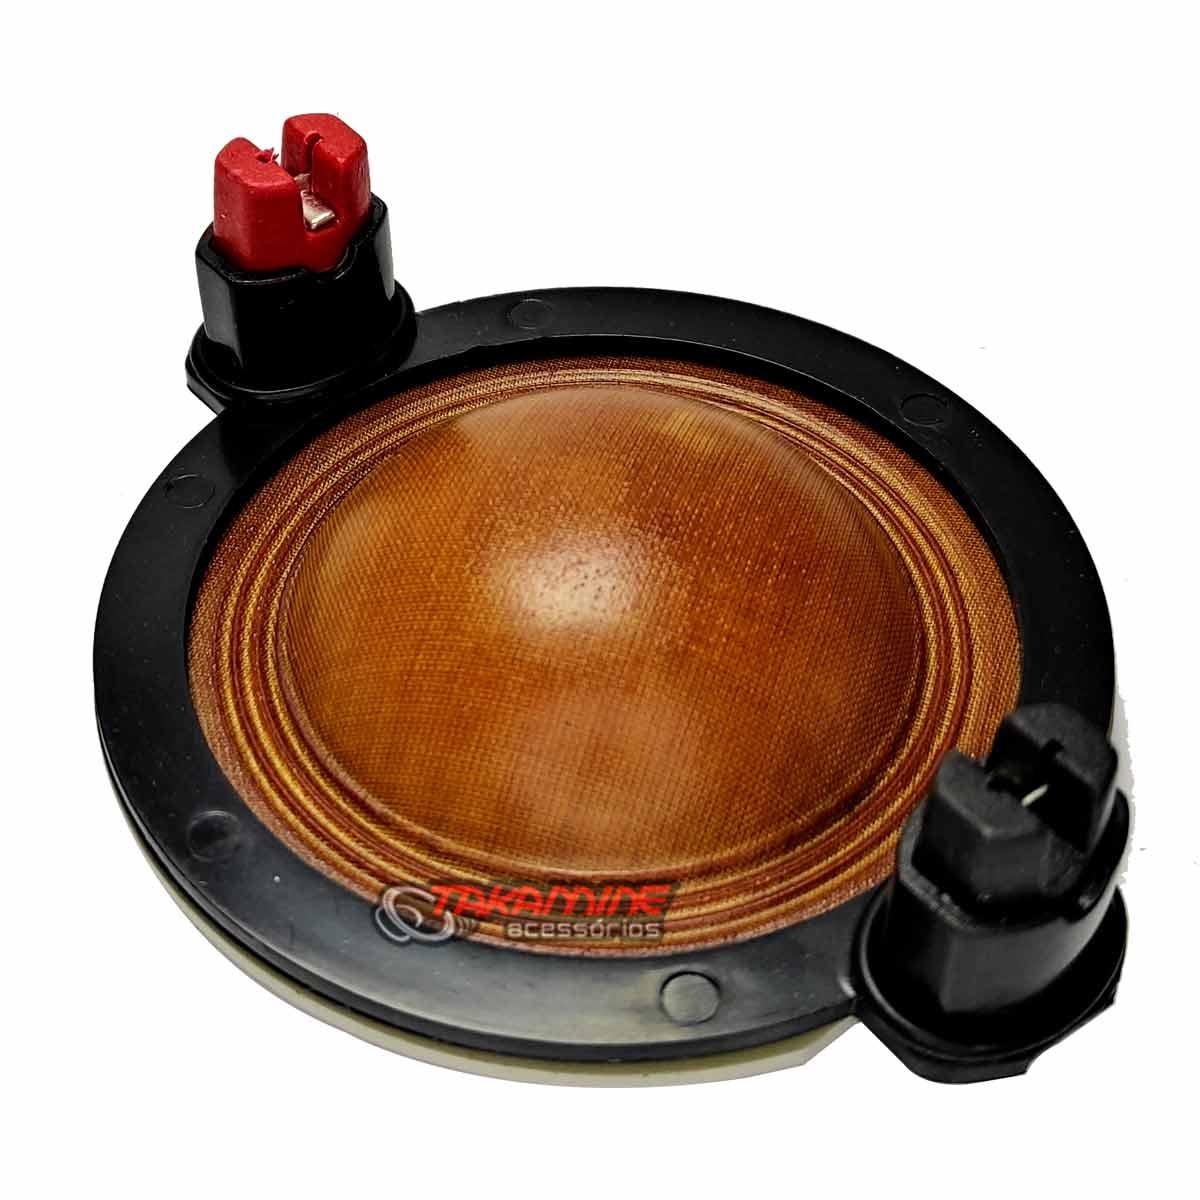 Reparo Musicall para Driver D250-X JBL Selenium 8 Ohms